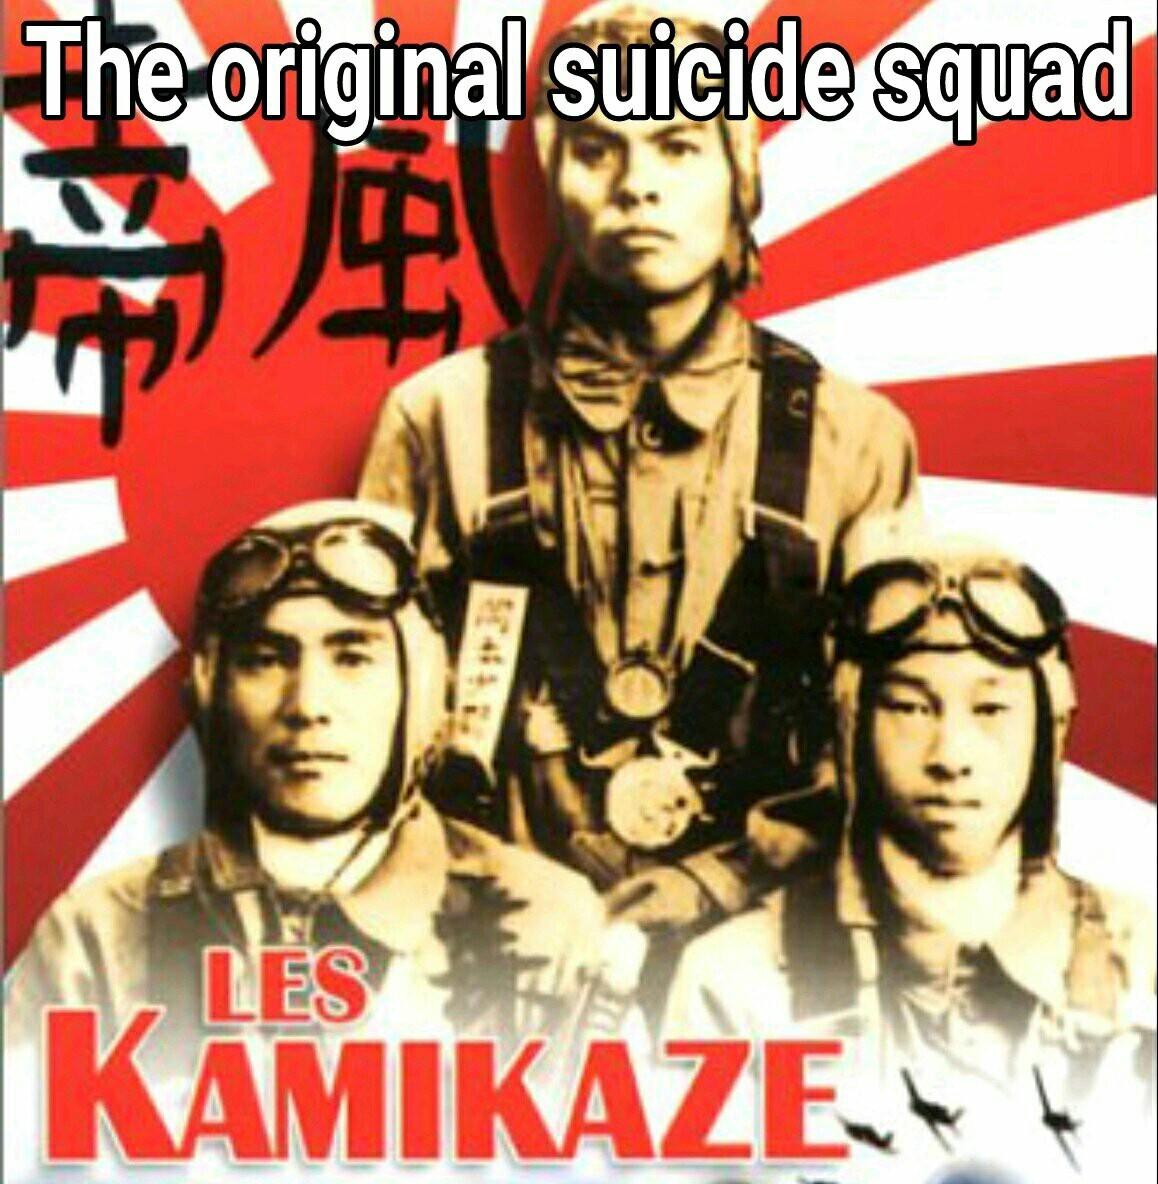 Suicide squad tentend - meme